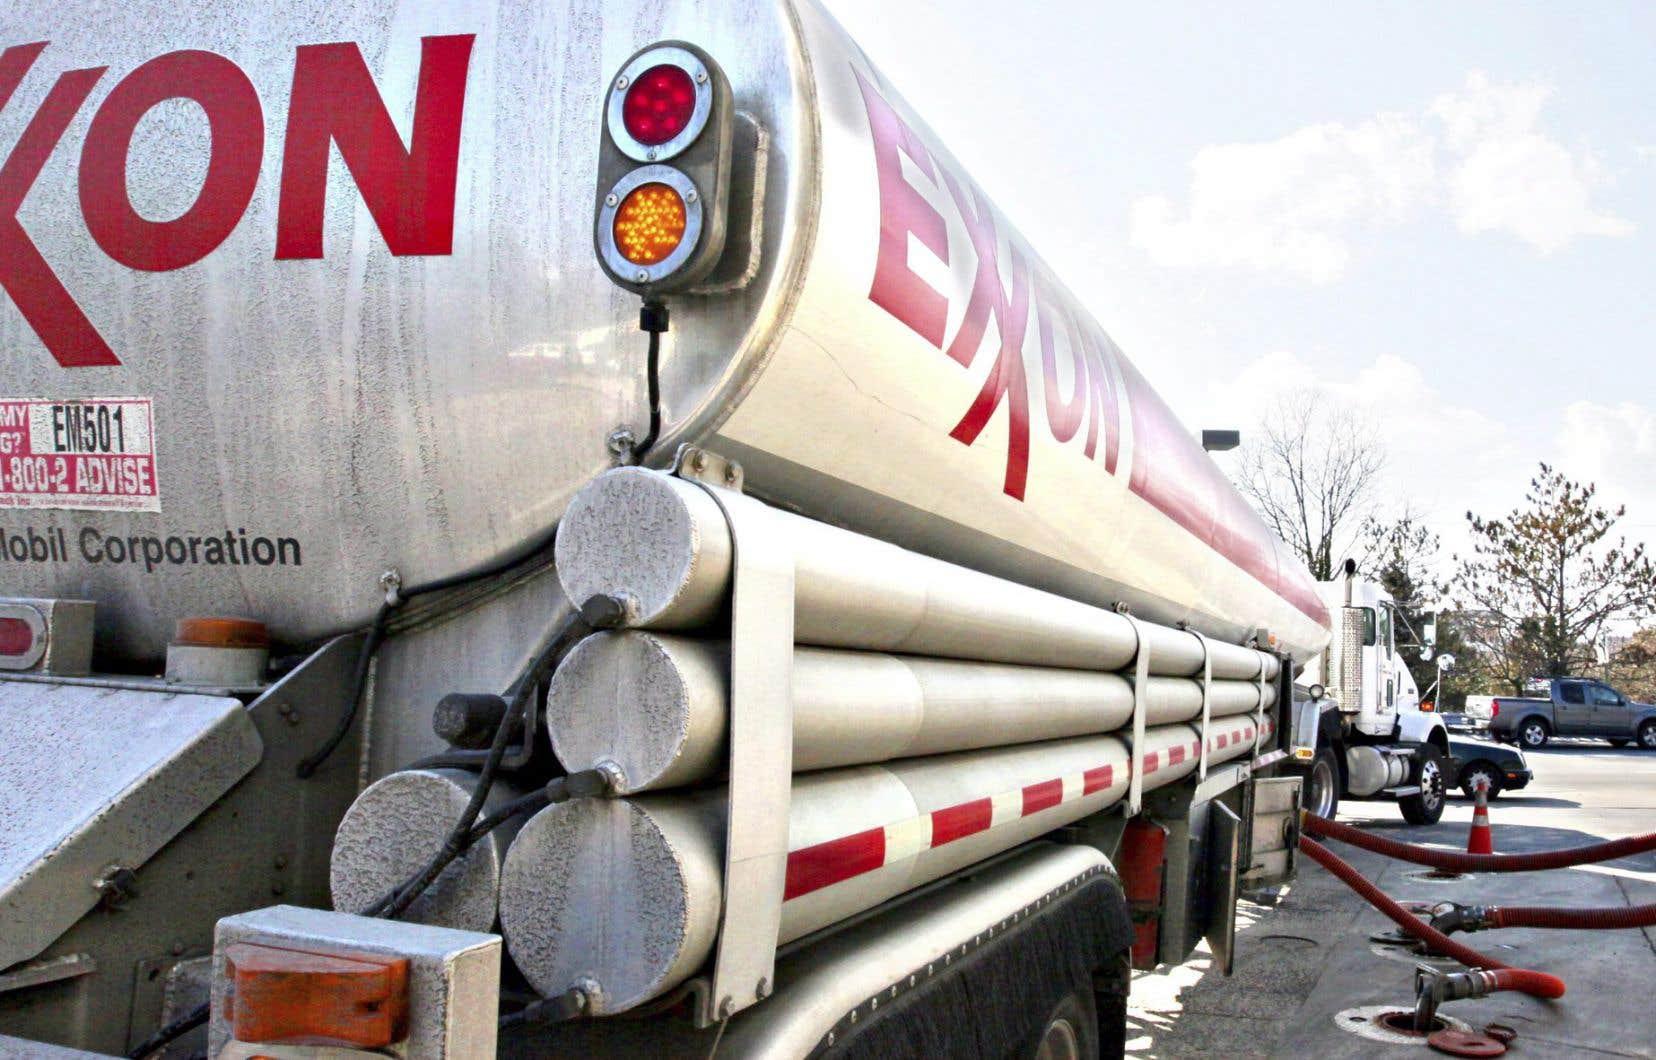 La procureure générale de l'État de New Yorkallègue qu'Exxon trompe ses actionnaires en minimisant sciemment le risque financier auquel la réglementation liée au changement climatique l'expose.